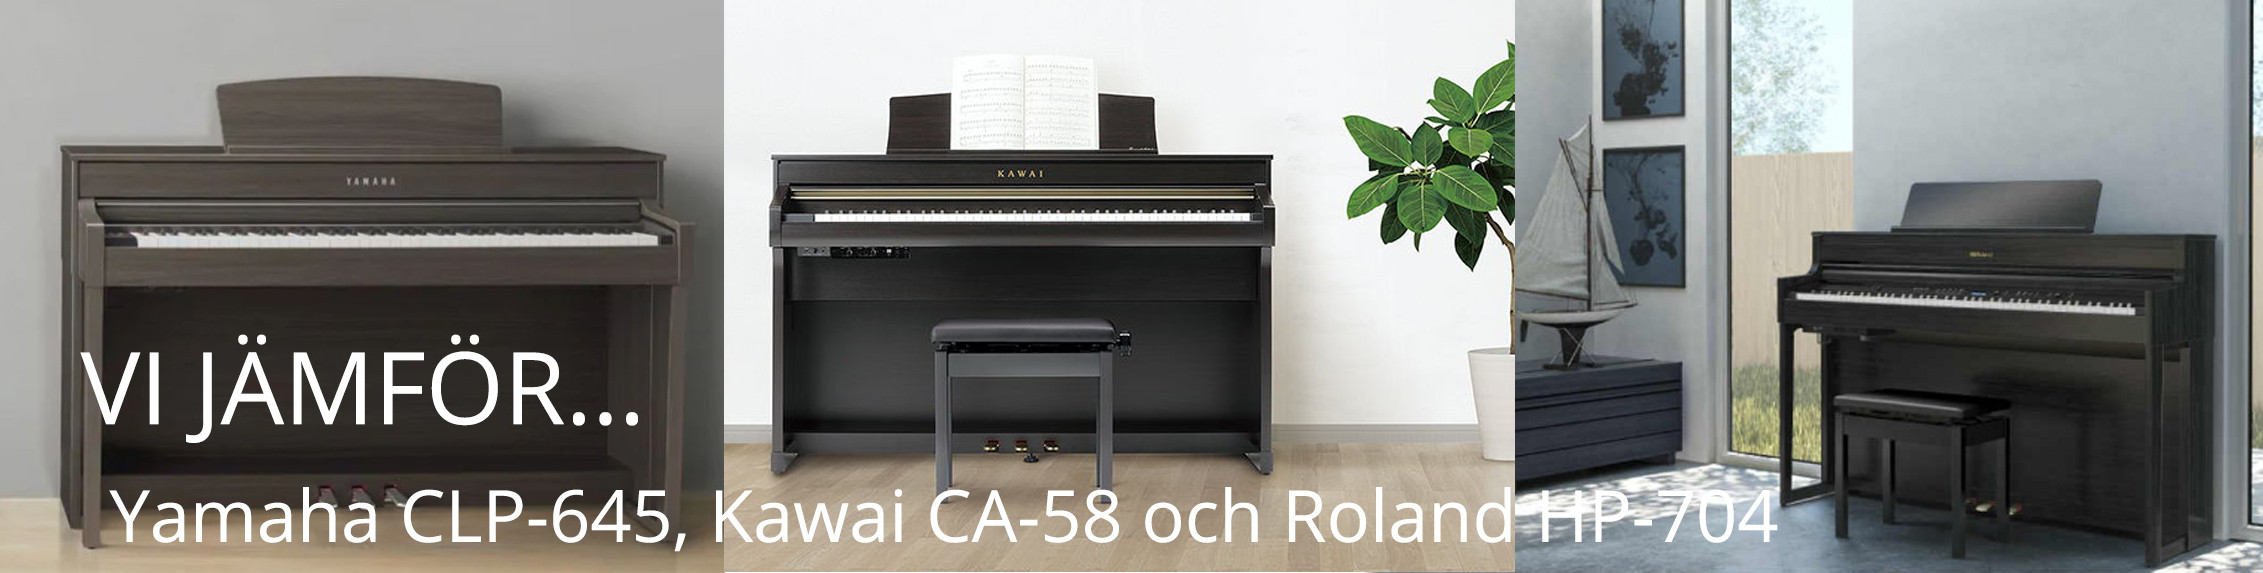 Jämförelse av CA 58, CLP 645 och HP 704